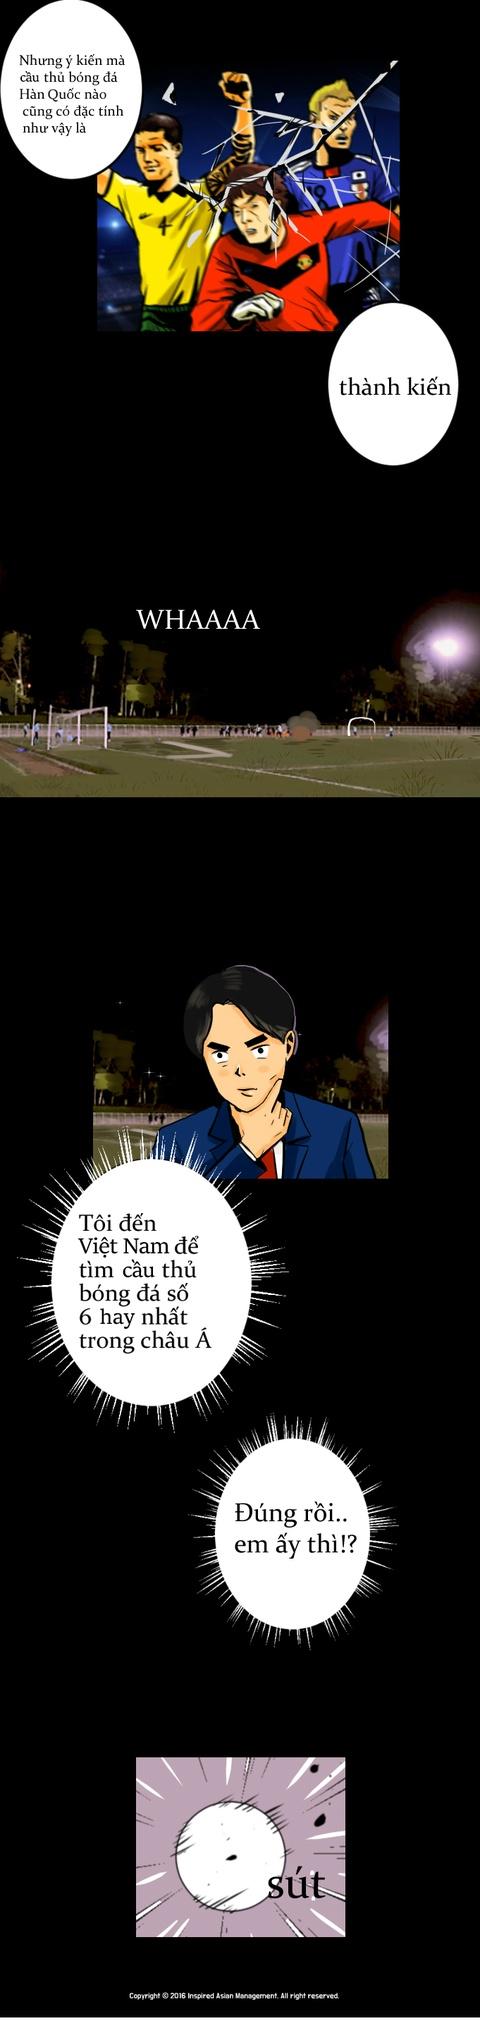 Xuan Truong len truyen tranh truc tuyen cua Han Quoc hinh anh 3